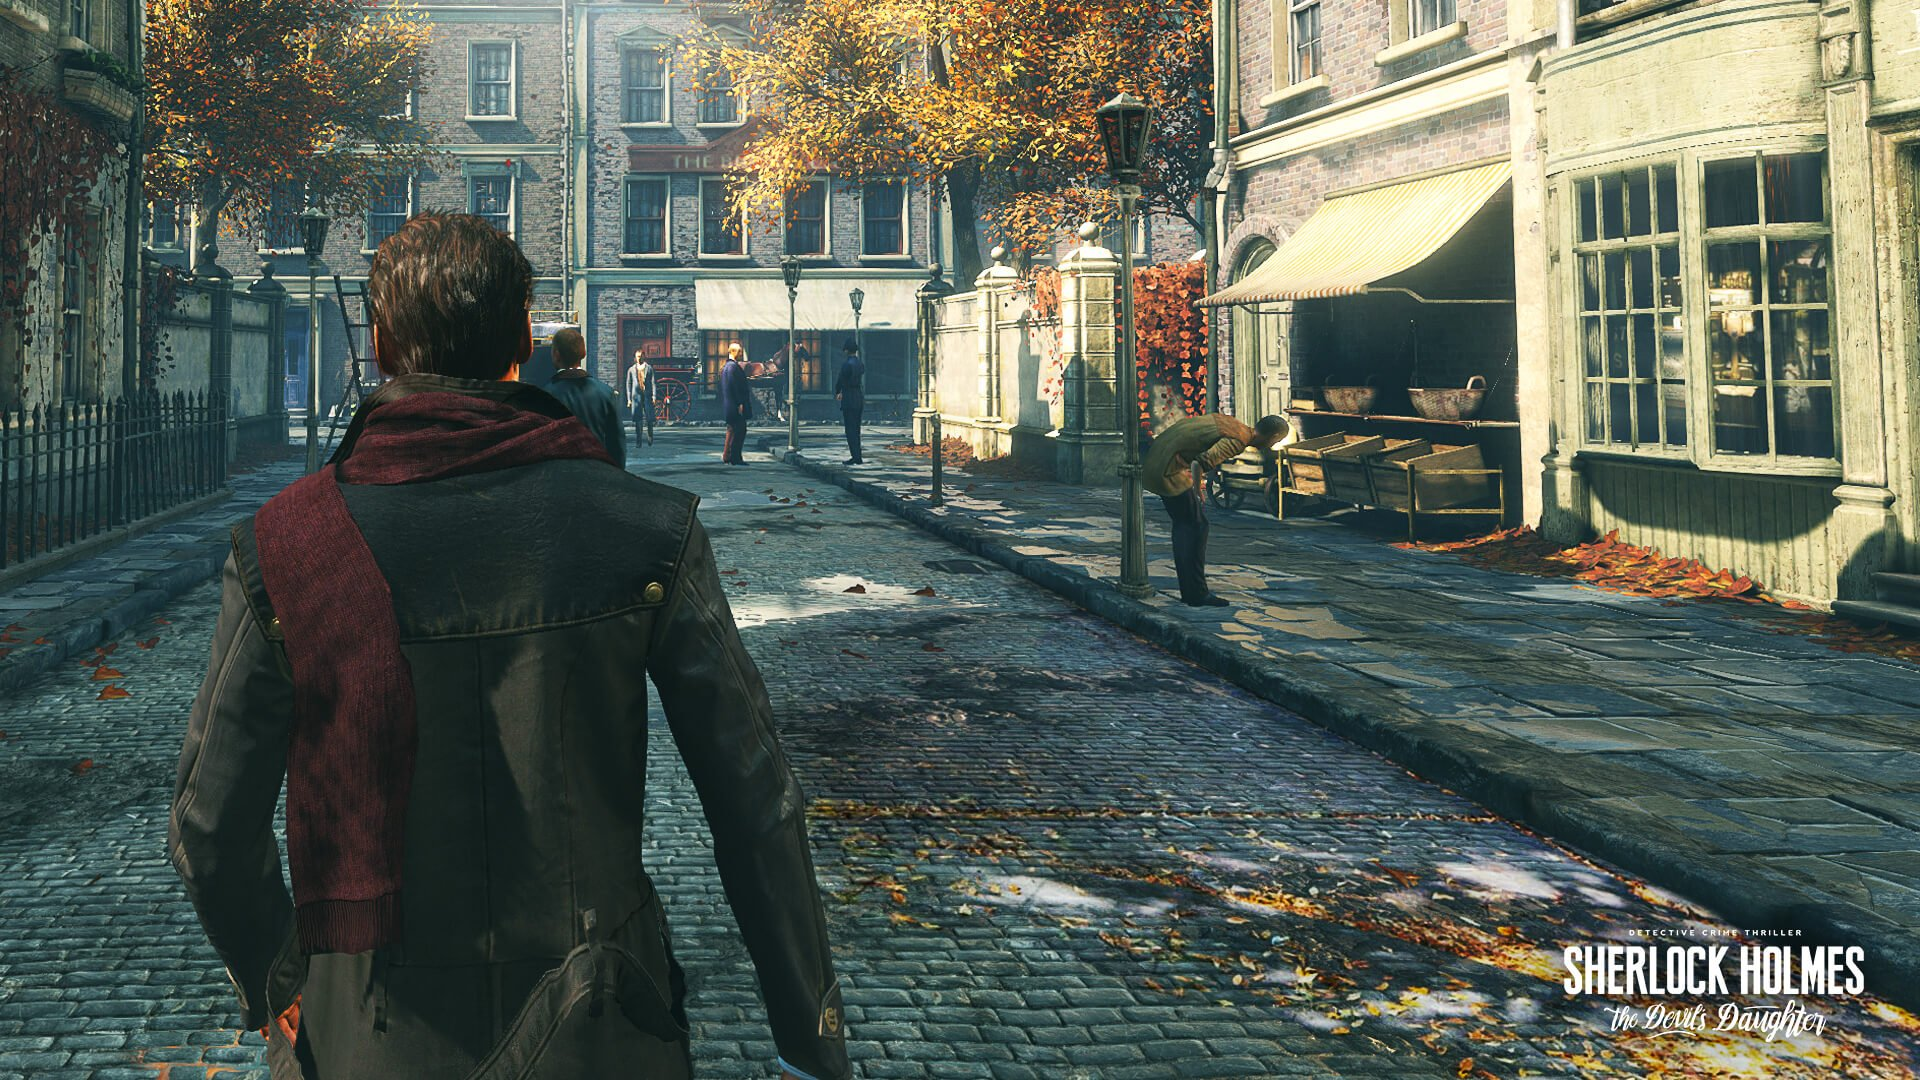 Die Stadt ist detailreich, bietet allerdings kaum bis keine Interaktionen.